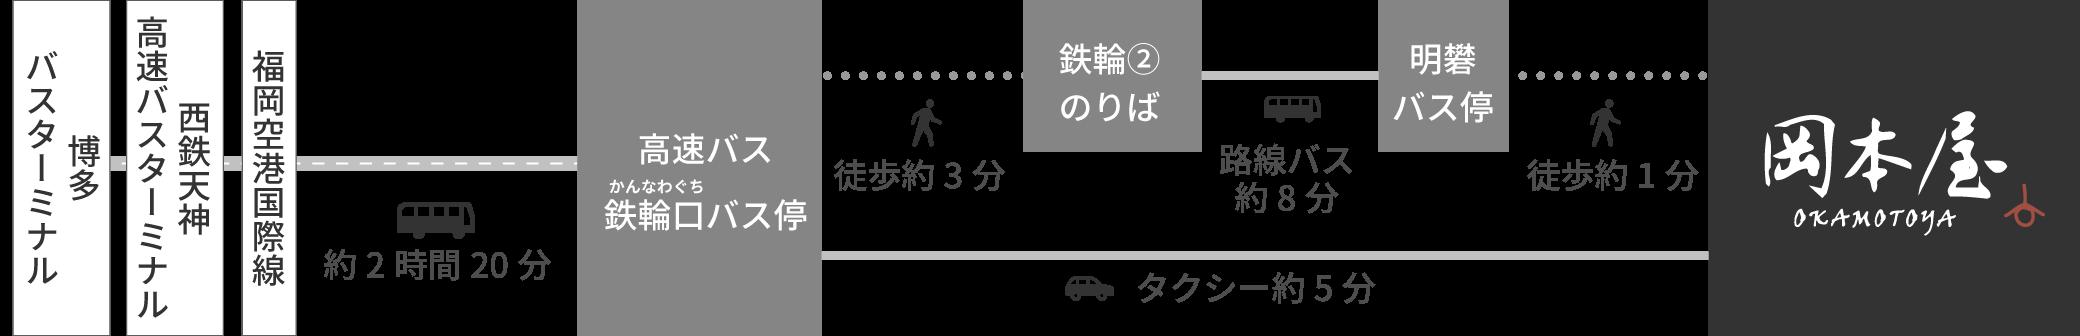 高速バスでお越しの場合